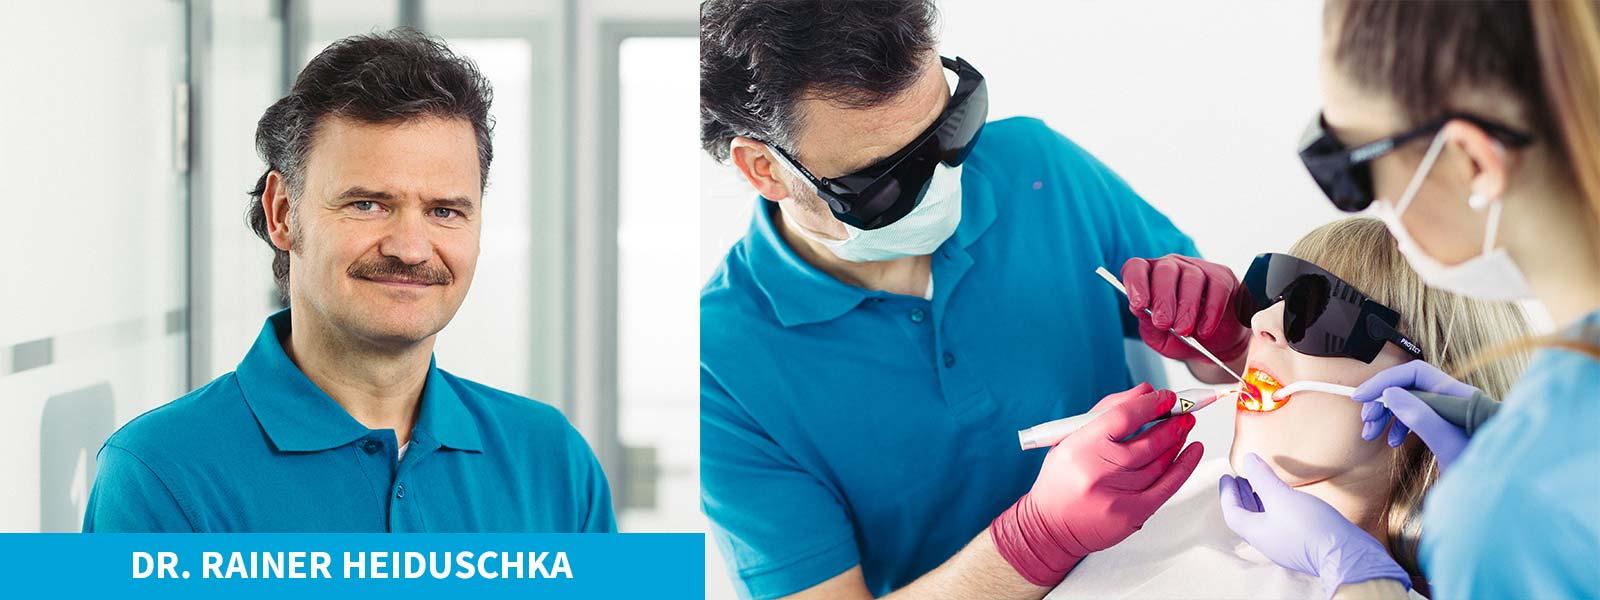 Unser Praxisteam - Dr. Rainer Heiduschka